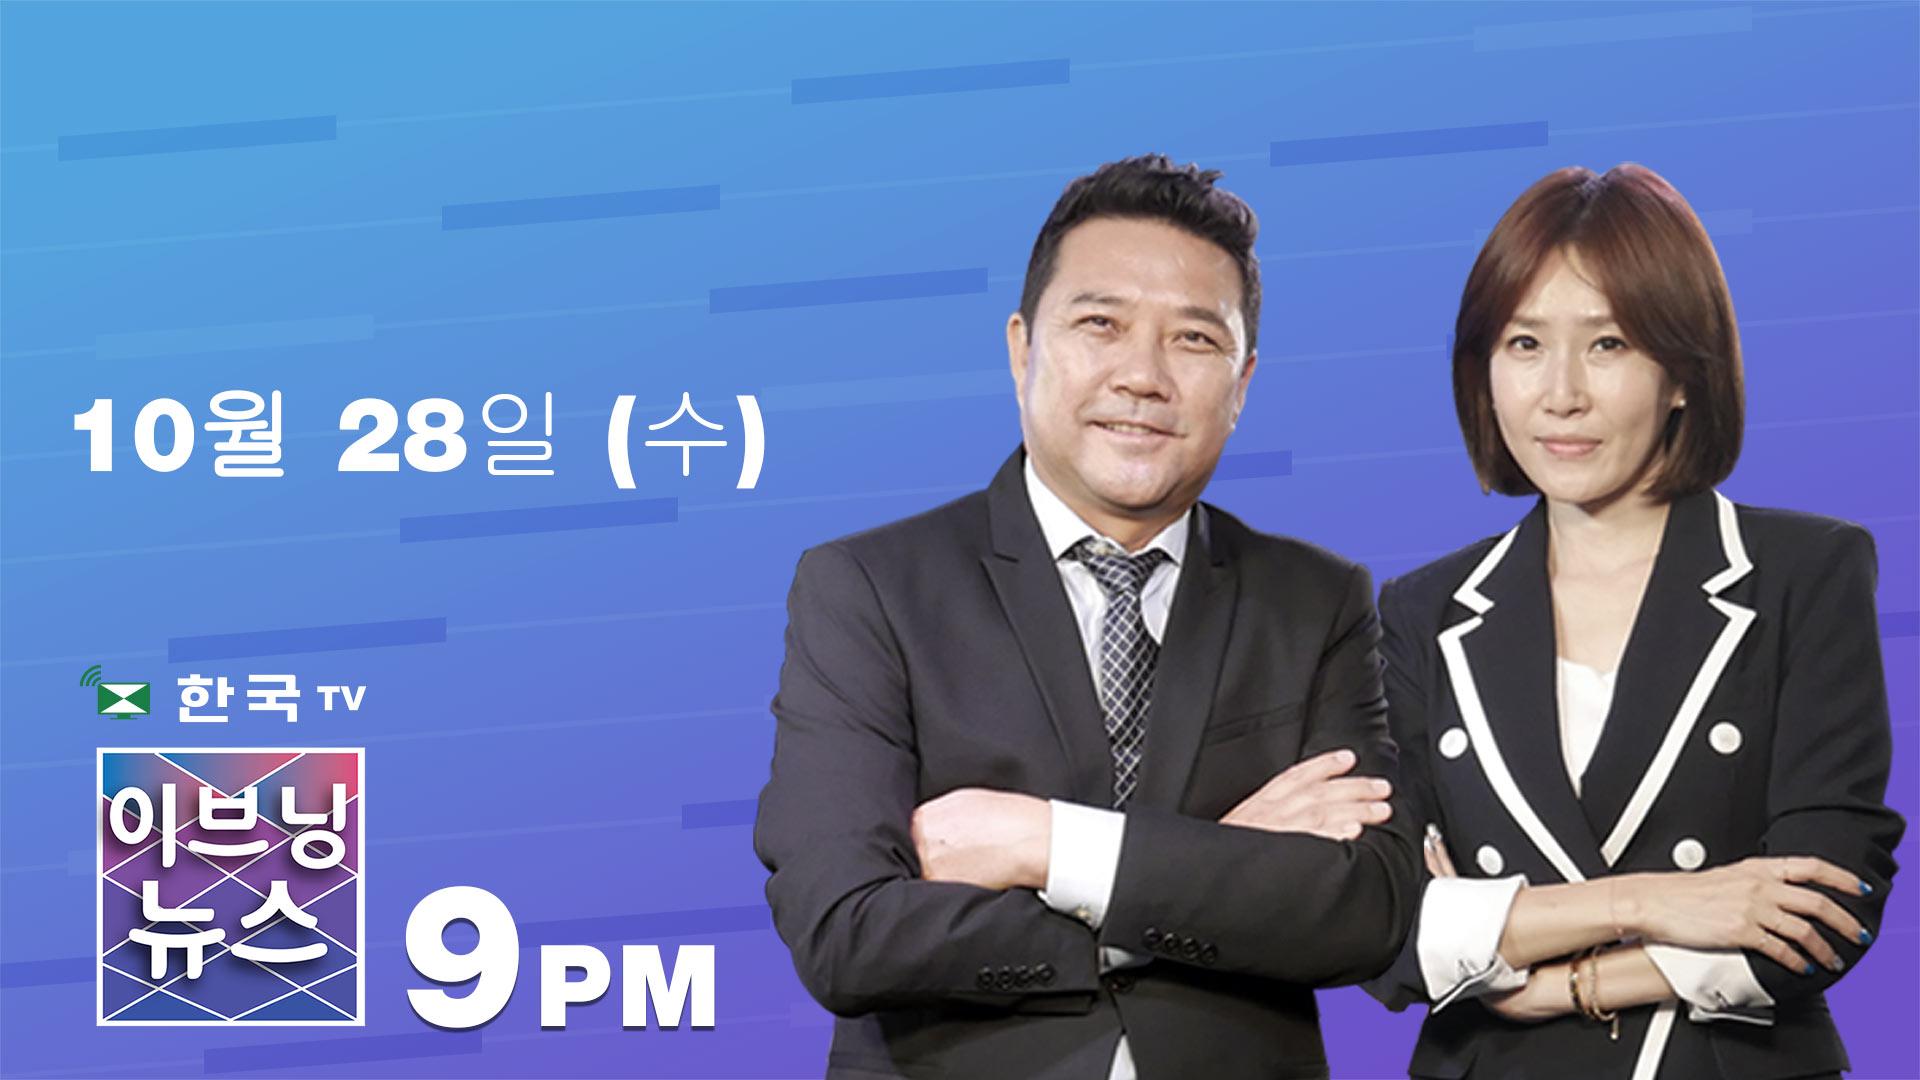 (10.28.2020) 한국TV 이브닝 뉴스